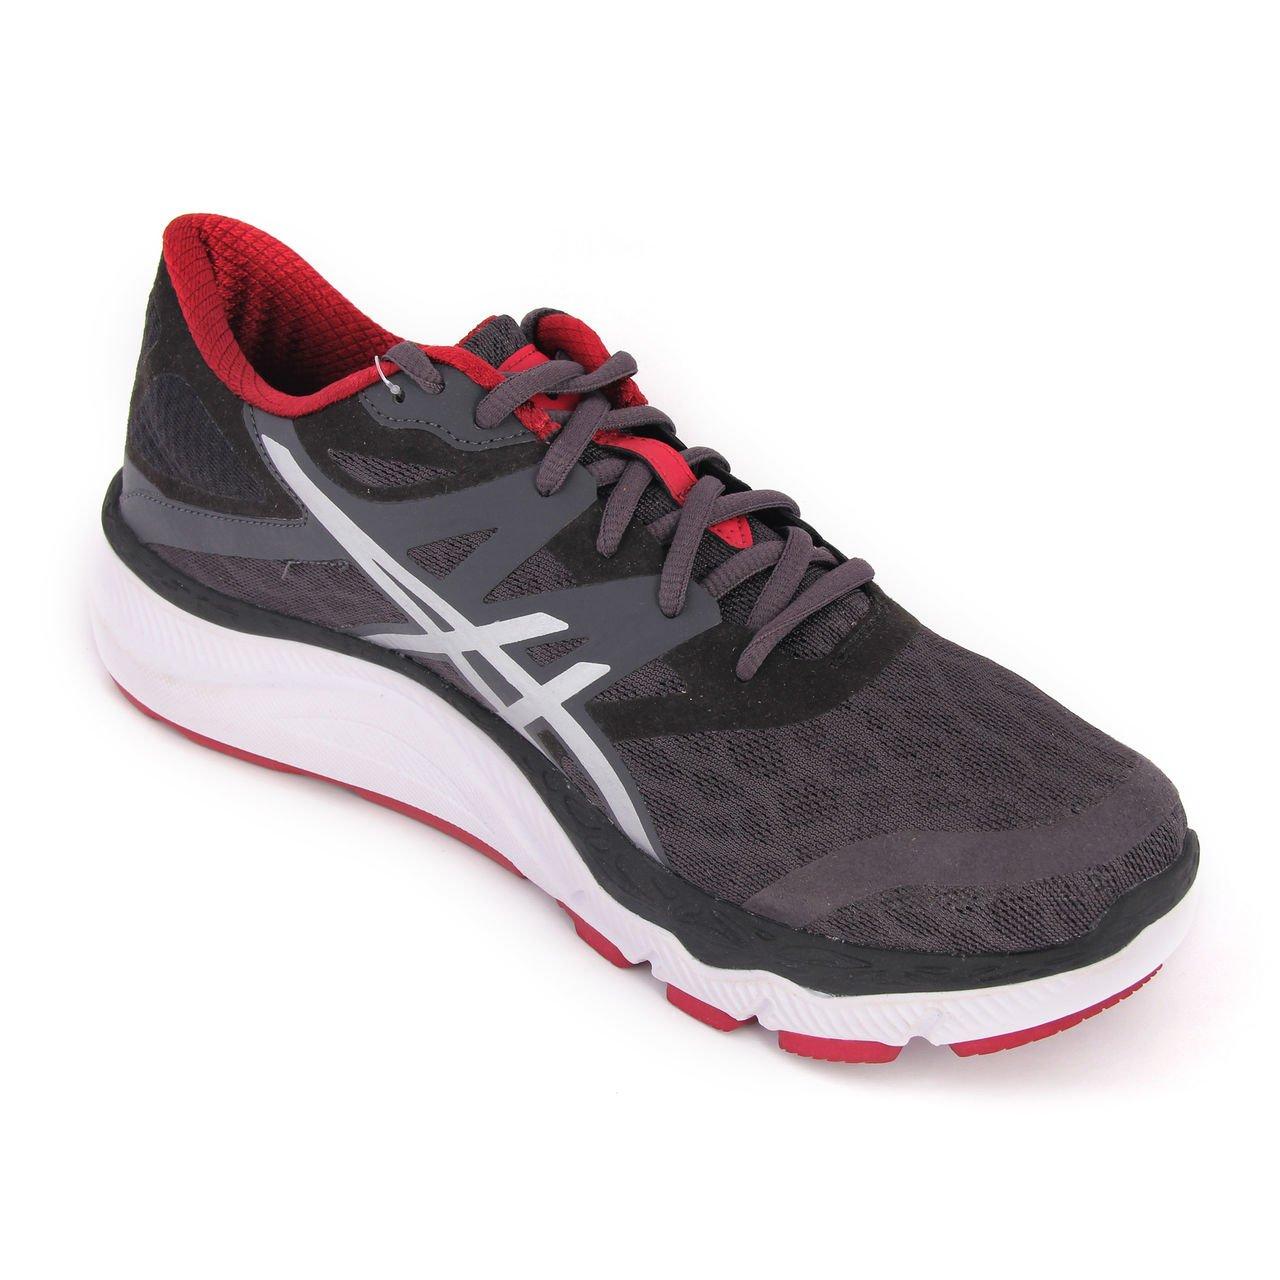 Deep Ruby Mesh Running Shoes